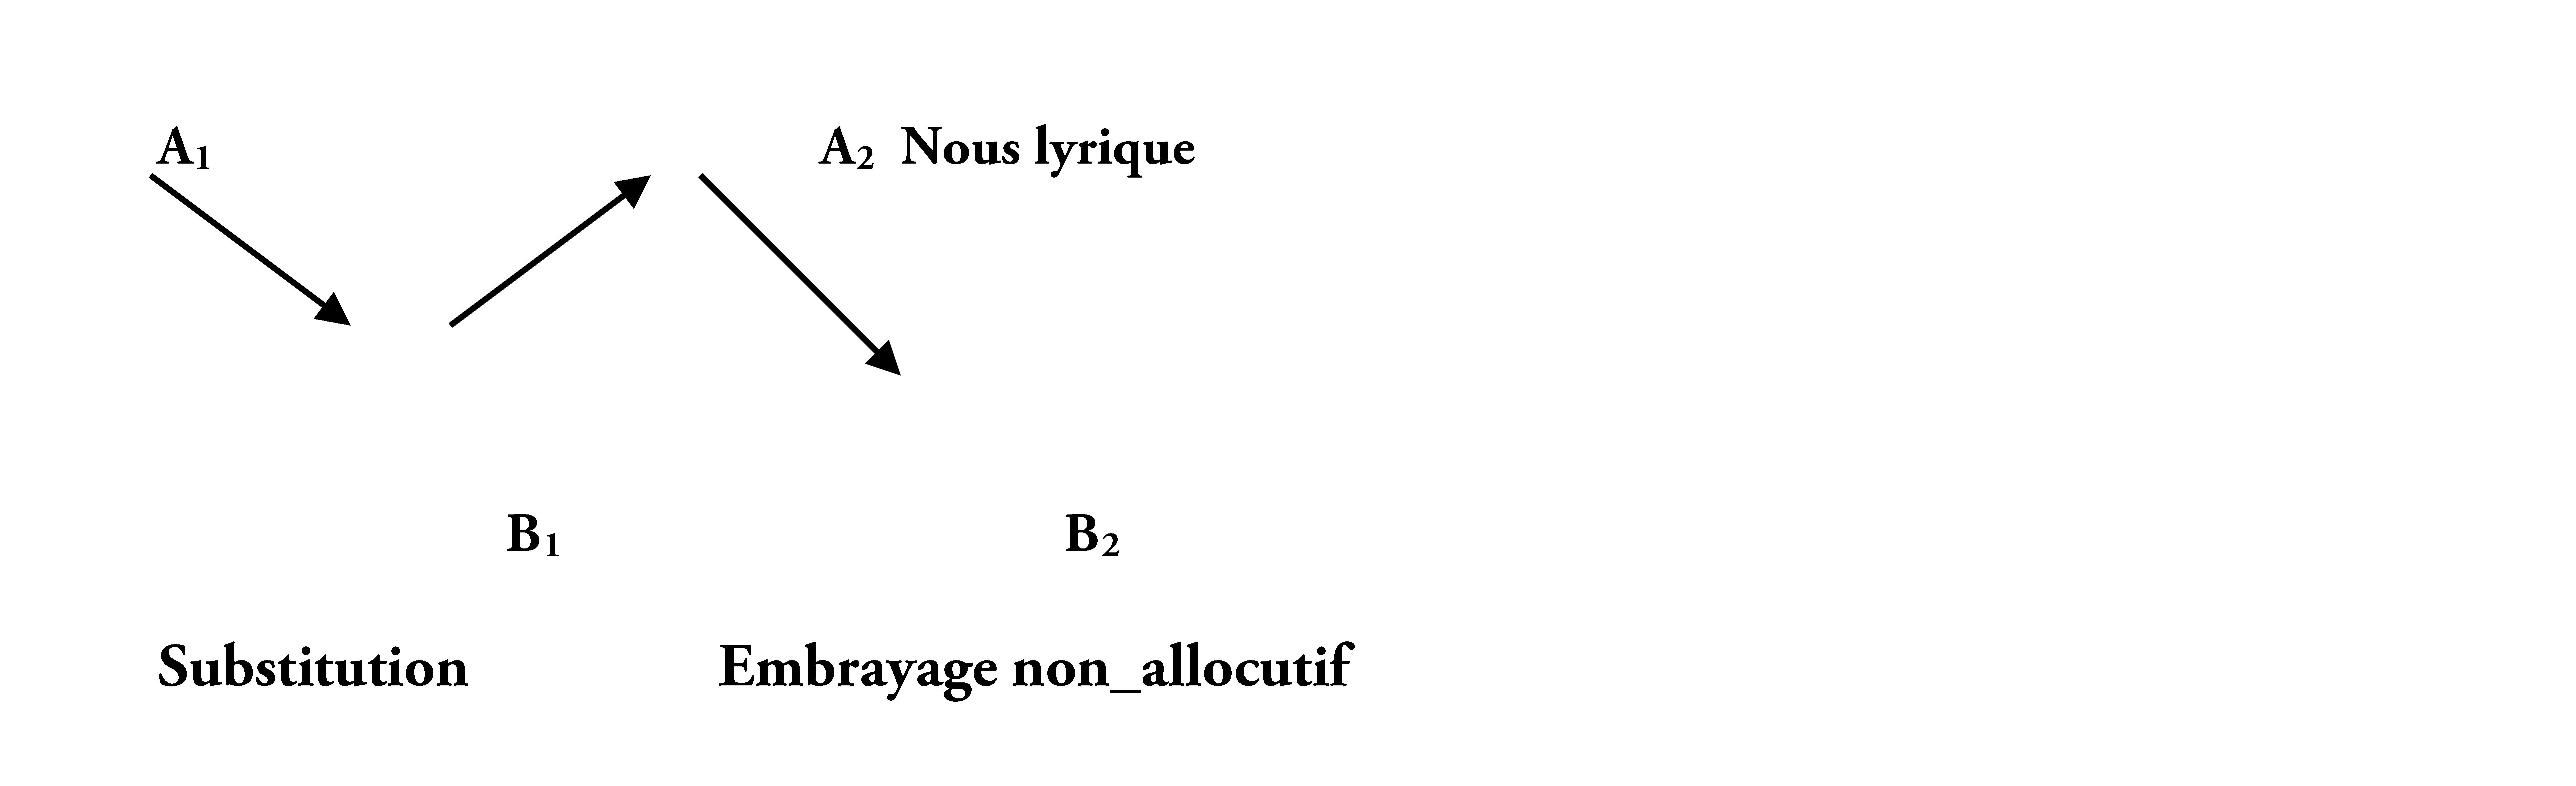 Expansion et pluralisation lyriques en berb re tachelhit for Statut illustrateur